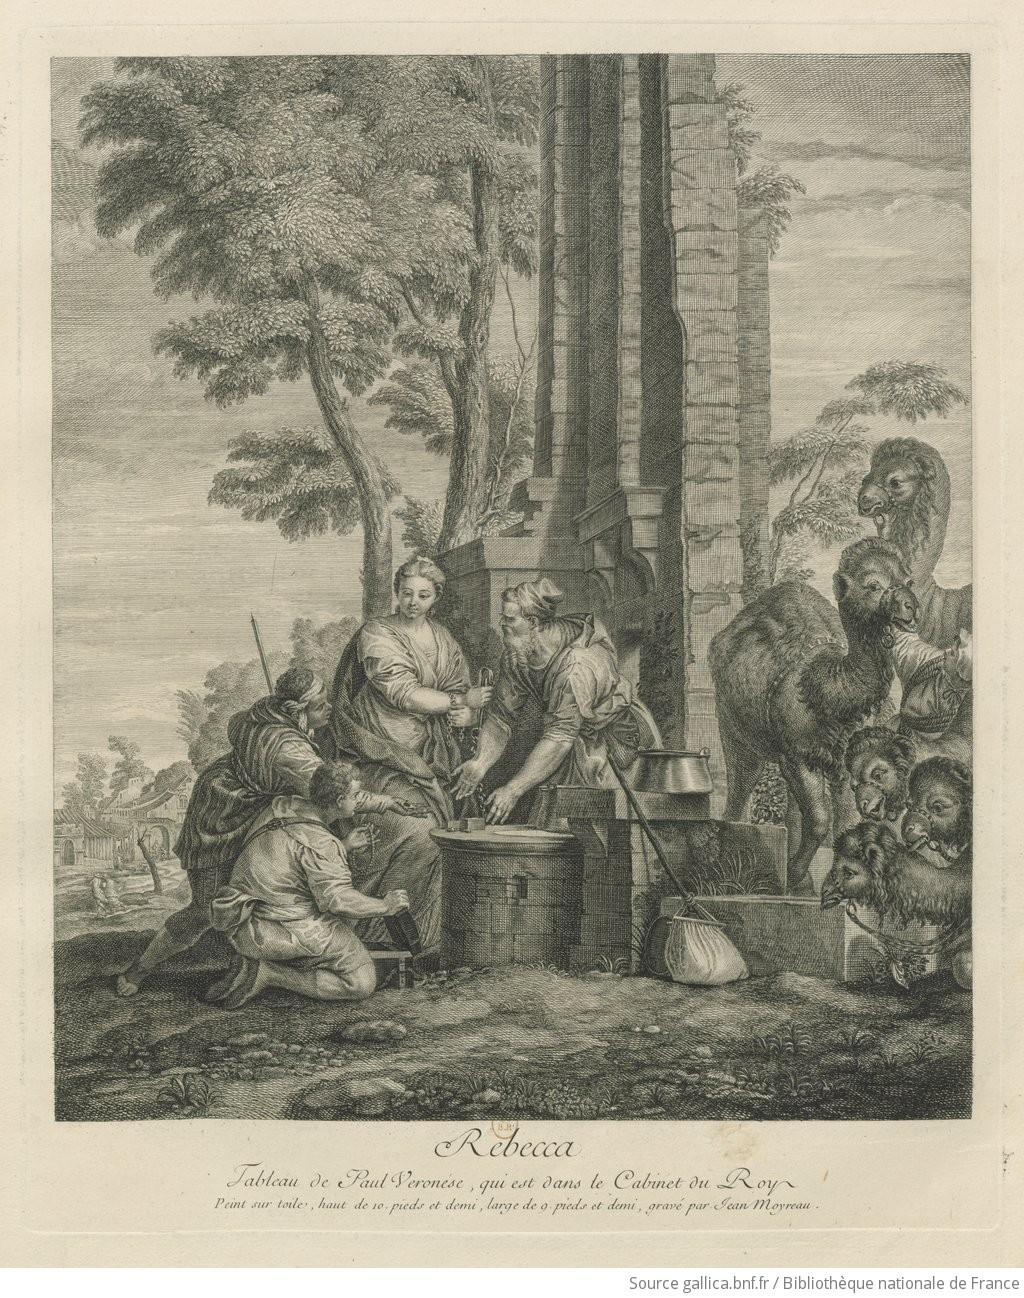 Rebecca Tableau De Paul Veronese Qui Est Dans Le Cabinet Du Roy Peint Sur Toile Grave Par Jean Moyreau Estampe Gallica